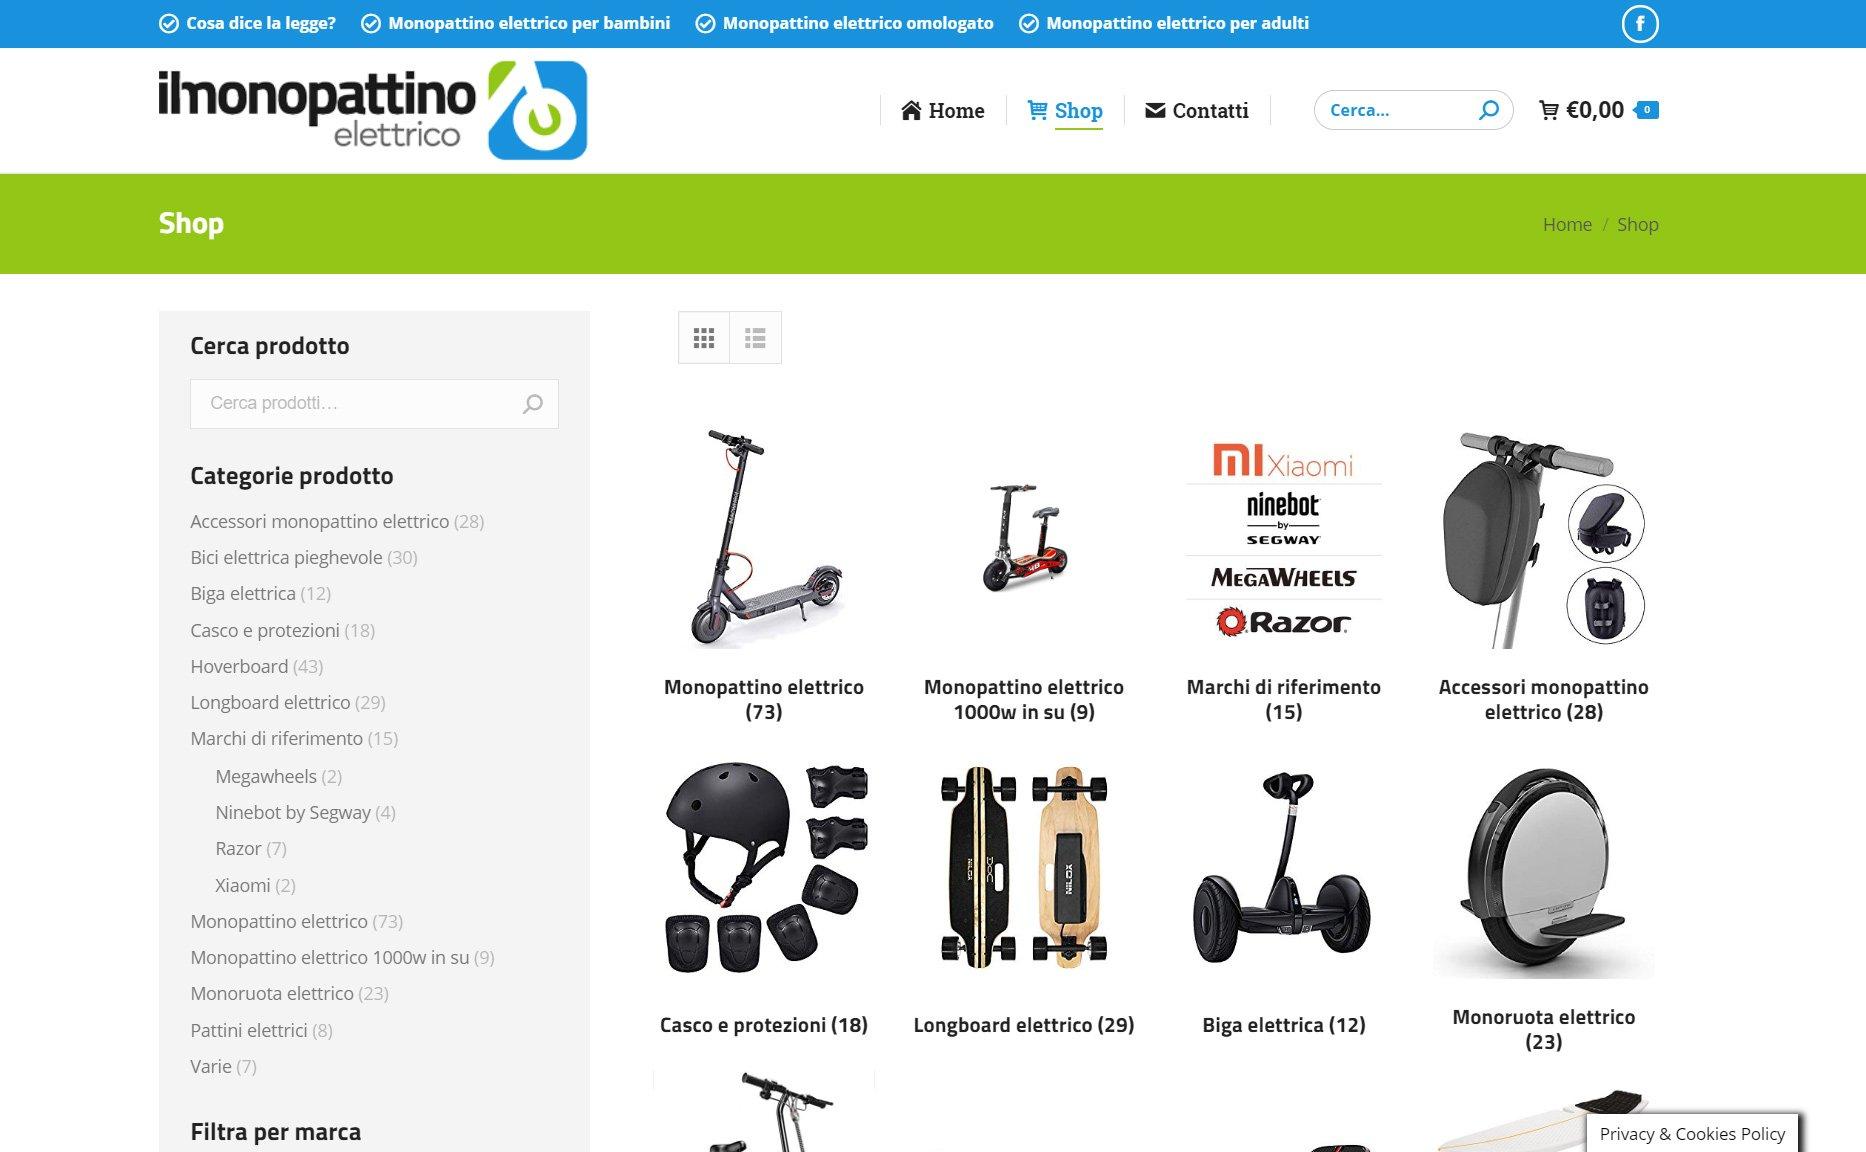 monopattino elettrico shop online